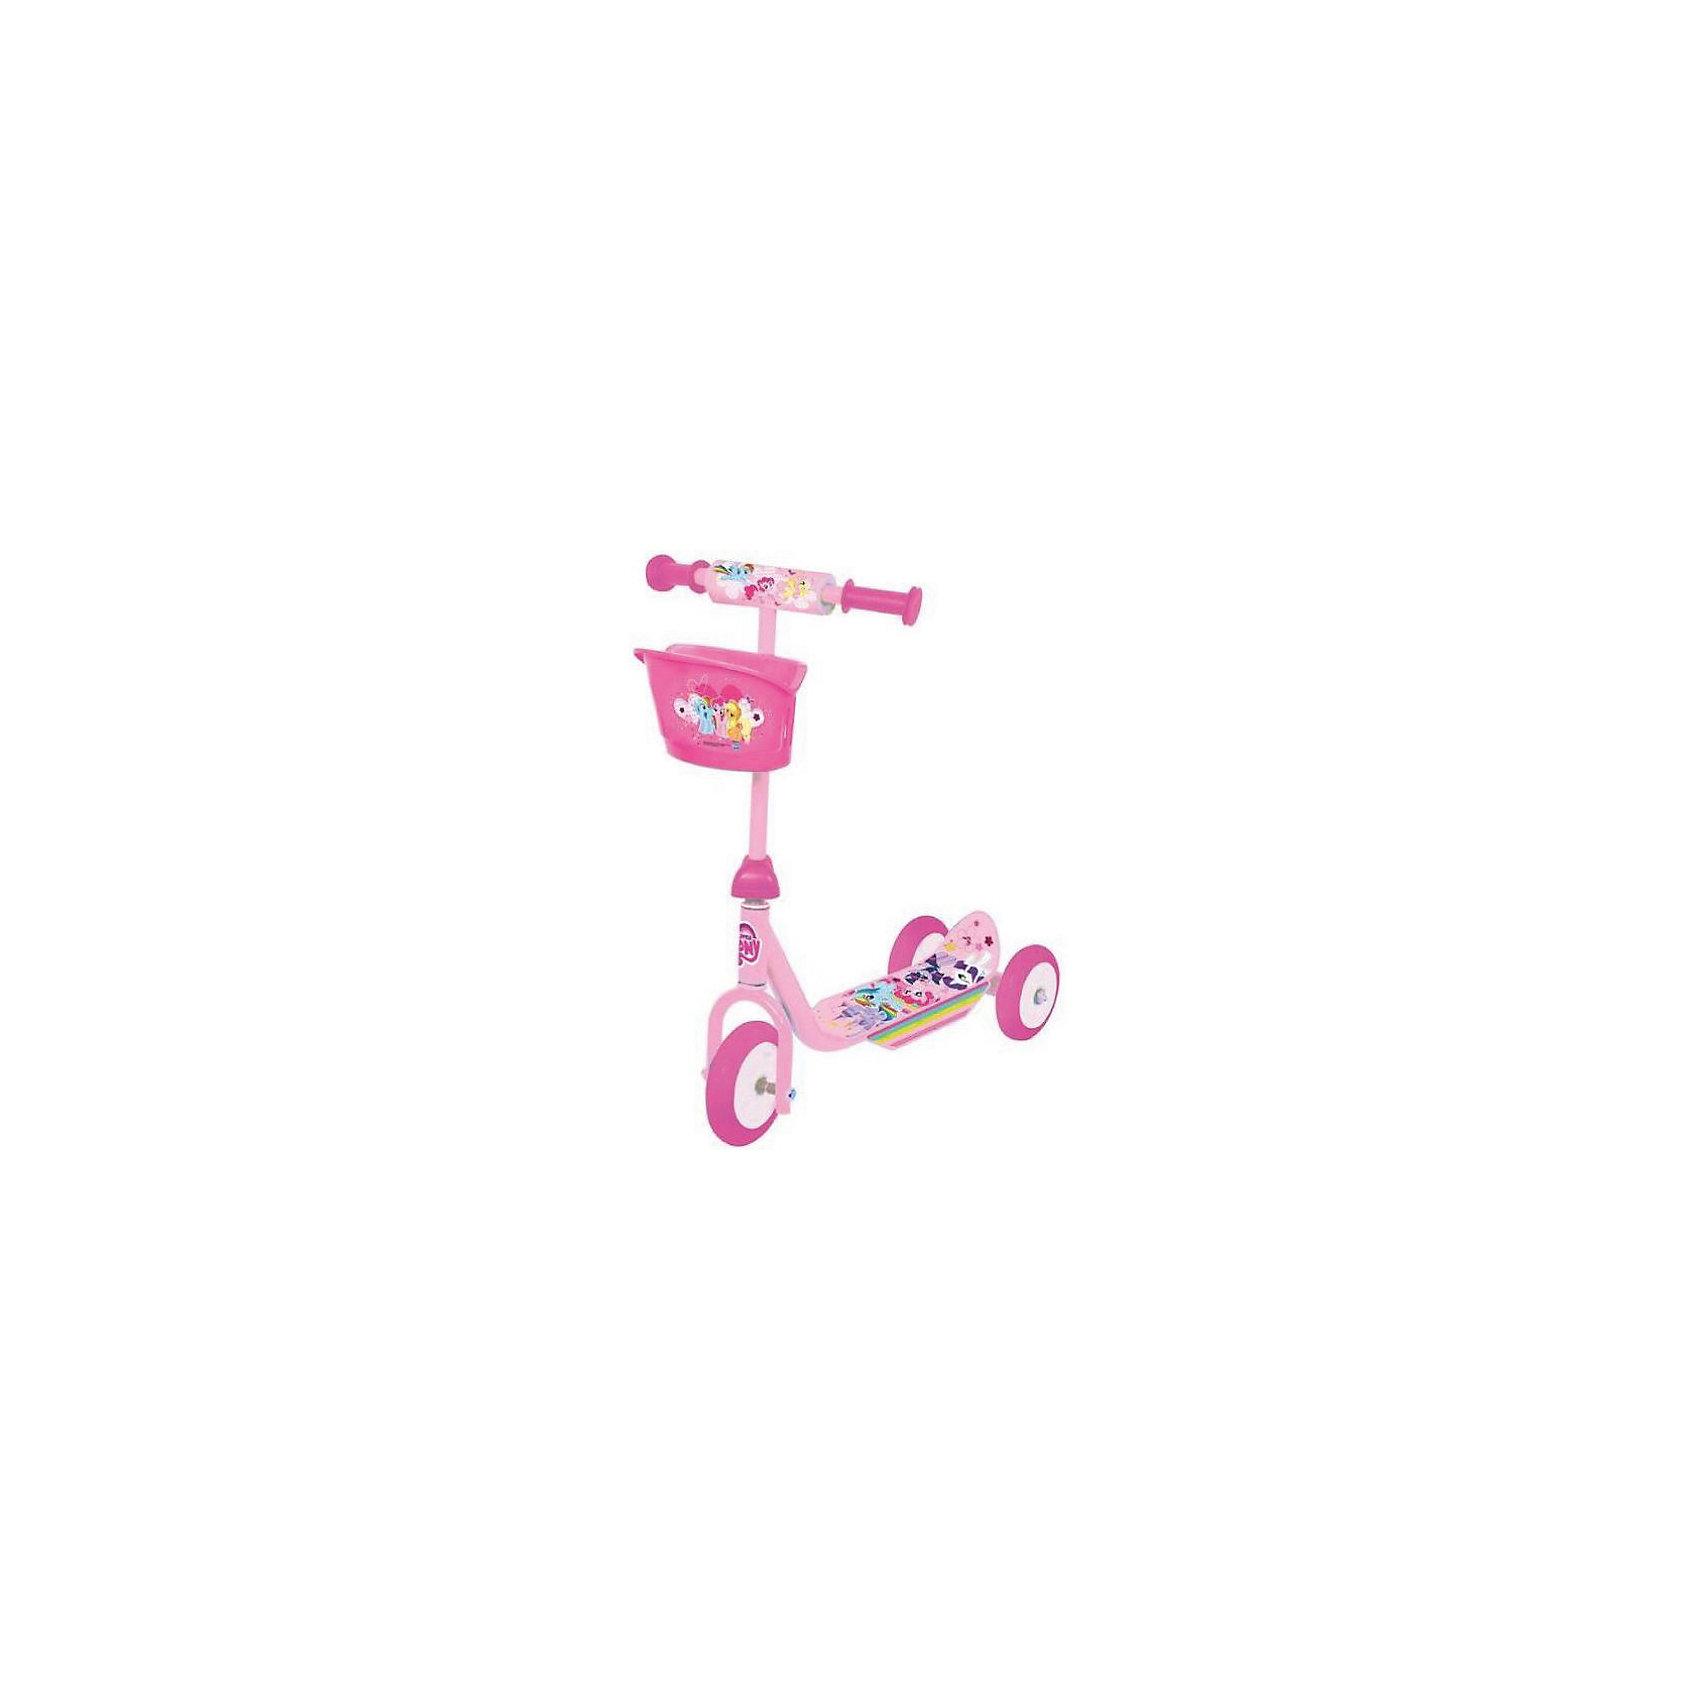 Трехколесный самокат Мой маленький пони, My little Pony, NextCамокат 3-колесный Hasbro My little Pony для самых маленьких- колеса пвх: переднее 140 мм, задние 125 мм,- платформа 34 х 10 см,- материал: пластик, сталь,- удобная пластиковая корзина,- устойчивая безопасная конструкция,- максимальная нагрузка - 20 кг<br><br>Ширина мм: 140<br>Глубина мм: 340<br>Высота мм: 510<br>Вес г: 3220<br>Возраст от месяцев: 180<br>Возраст до месяцев: 60<br>Пол: Женский<br>Возраст: Детский<br>SKU: 5530219